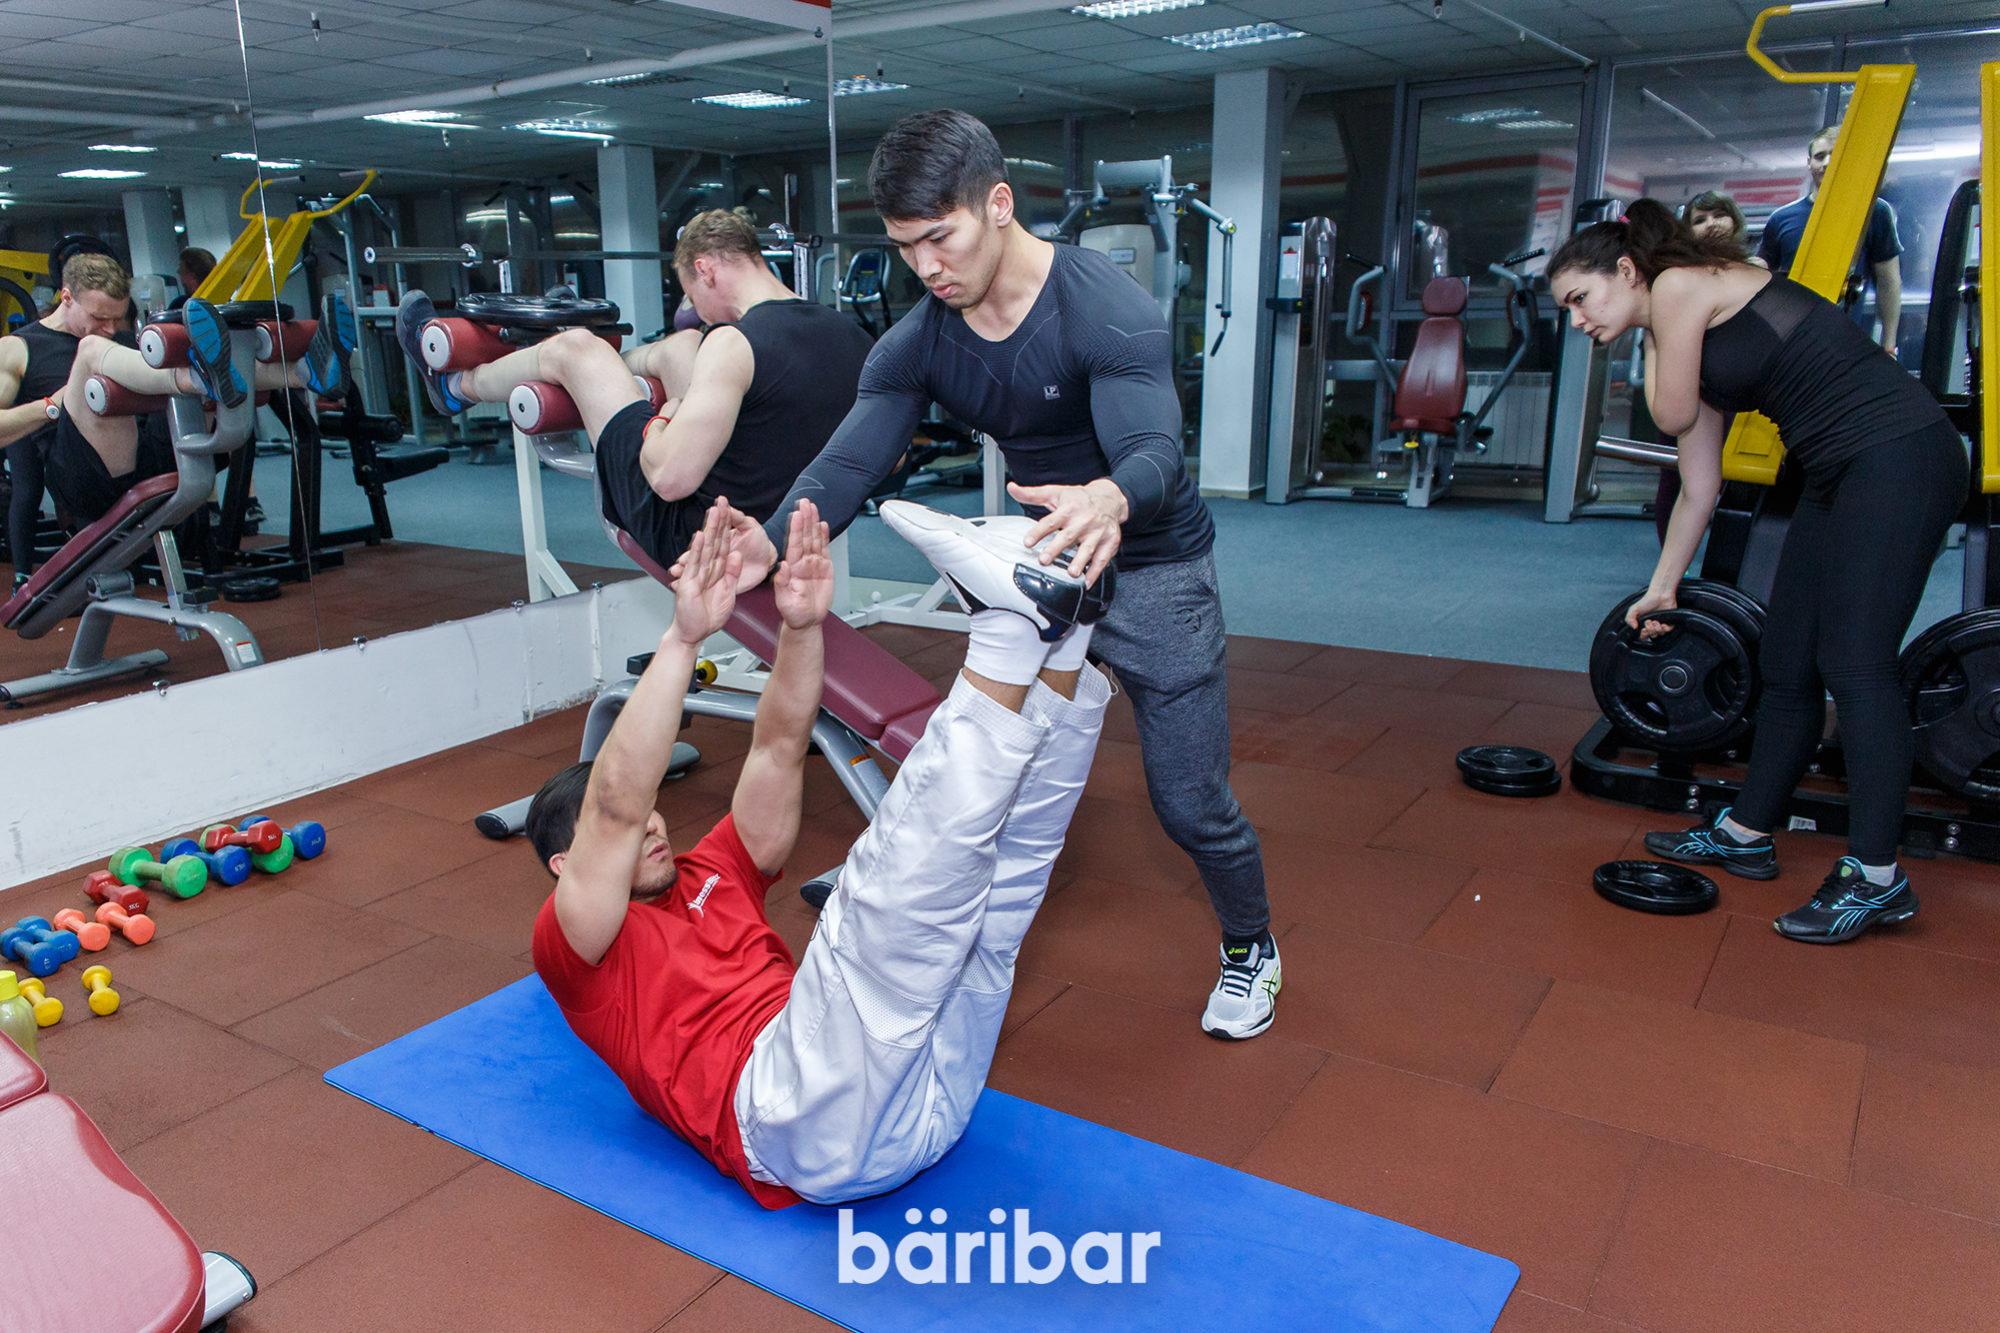 Ақбар Жармағанбетов, бодибилдингтен спорт шебері, фитнес жаттықтырушы